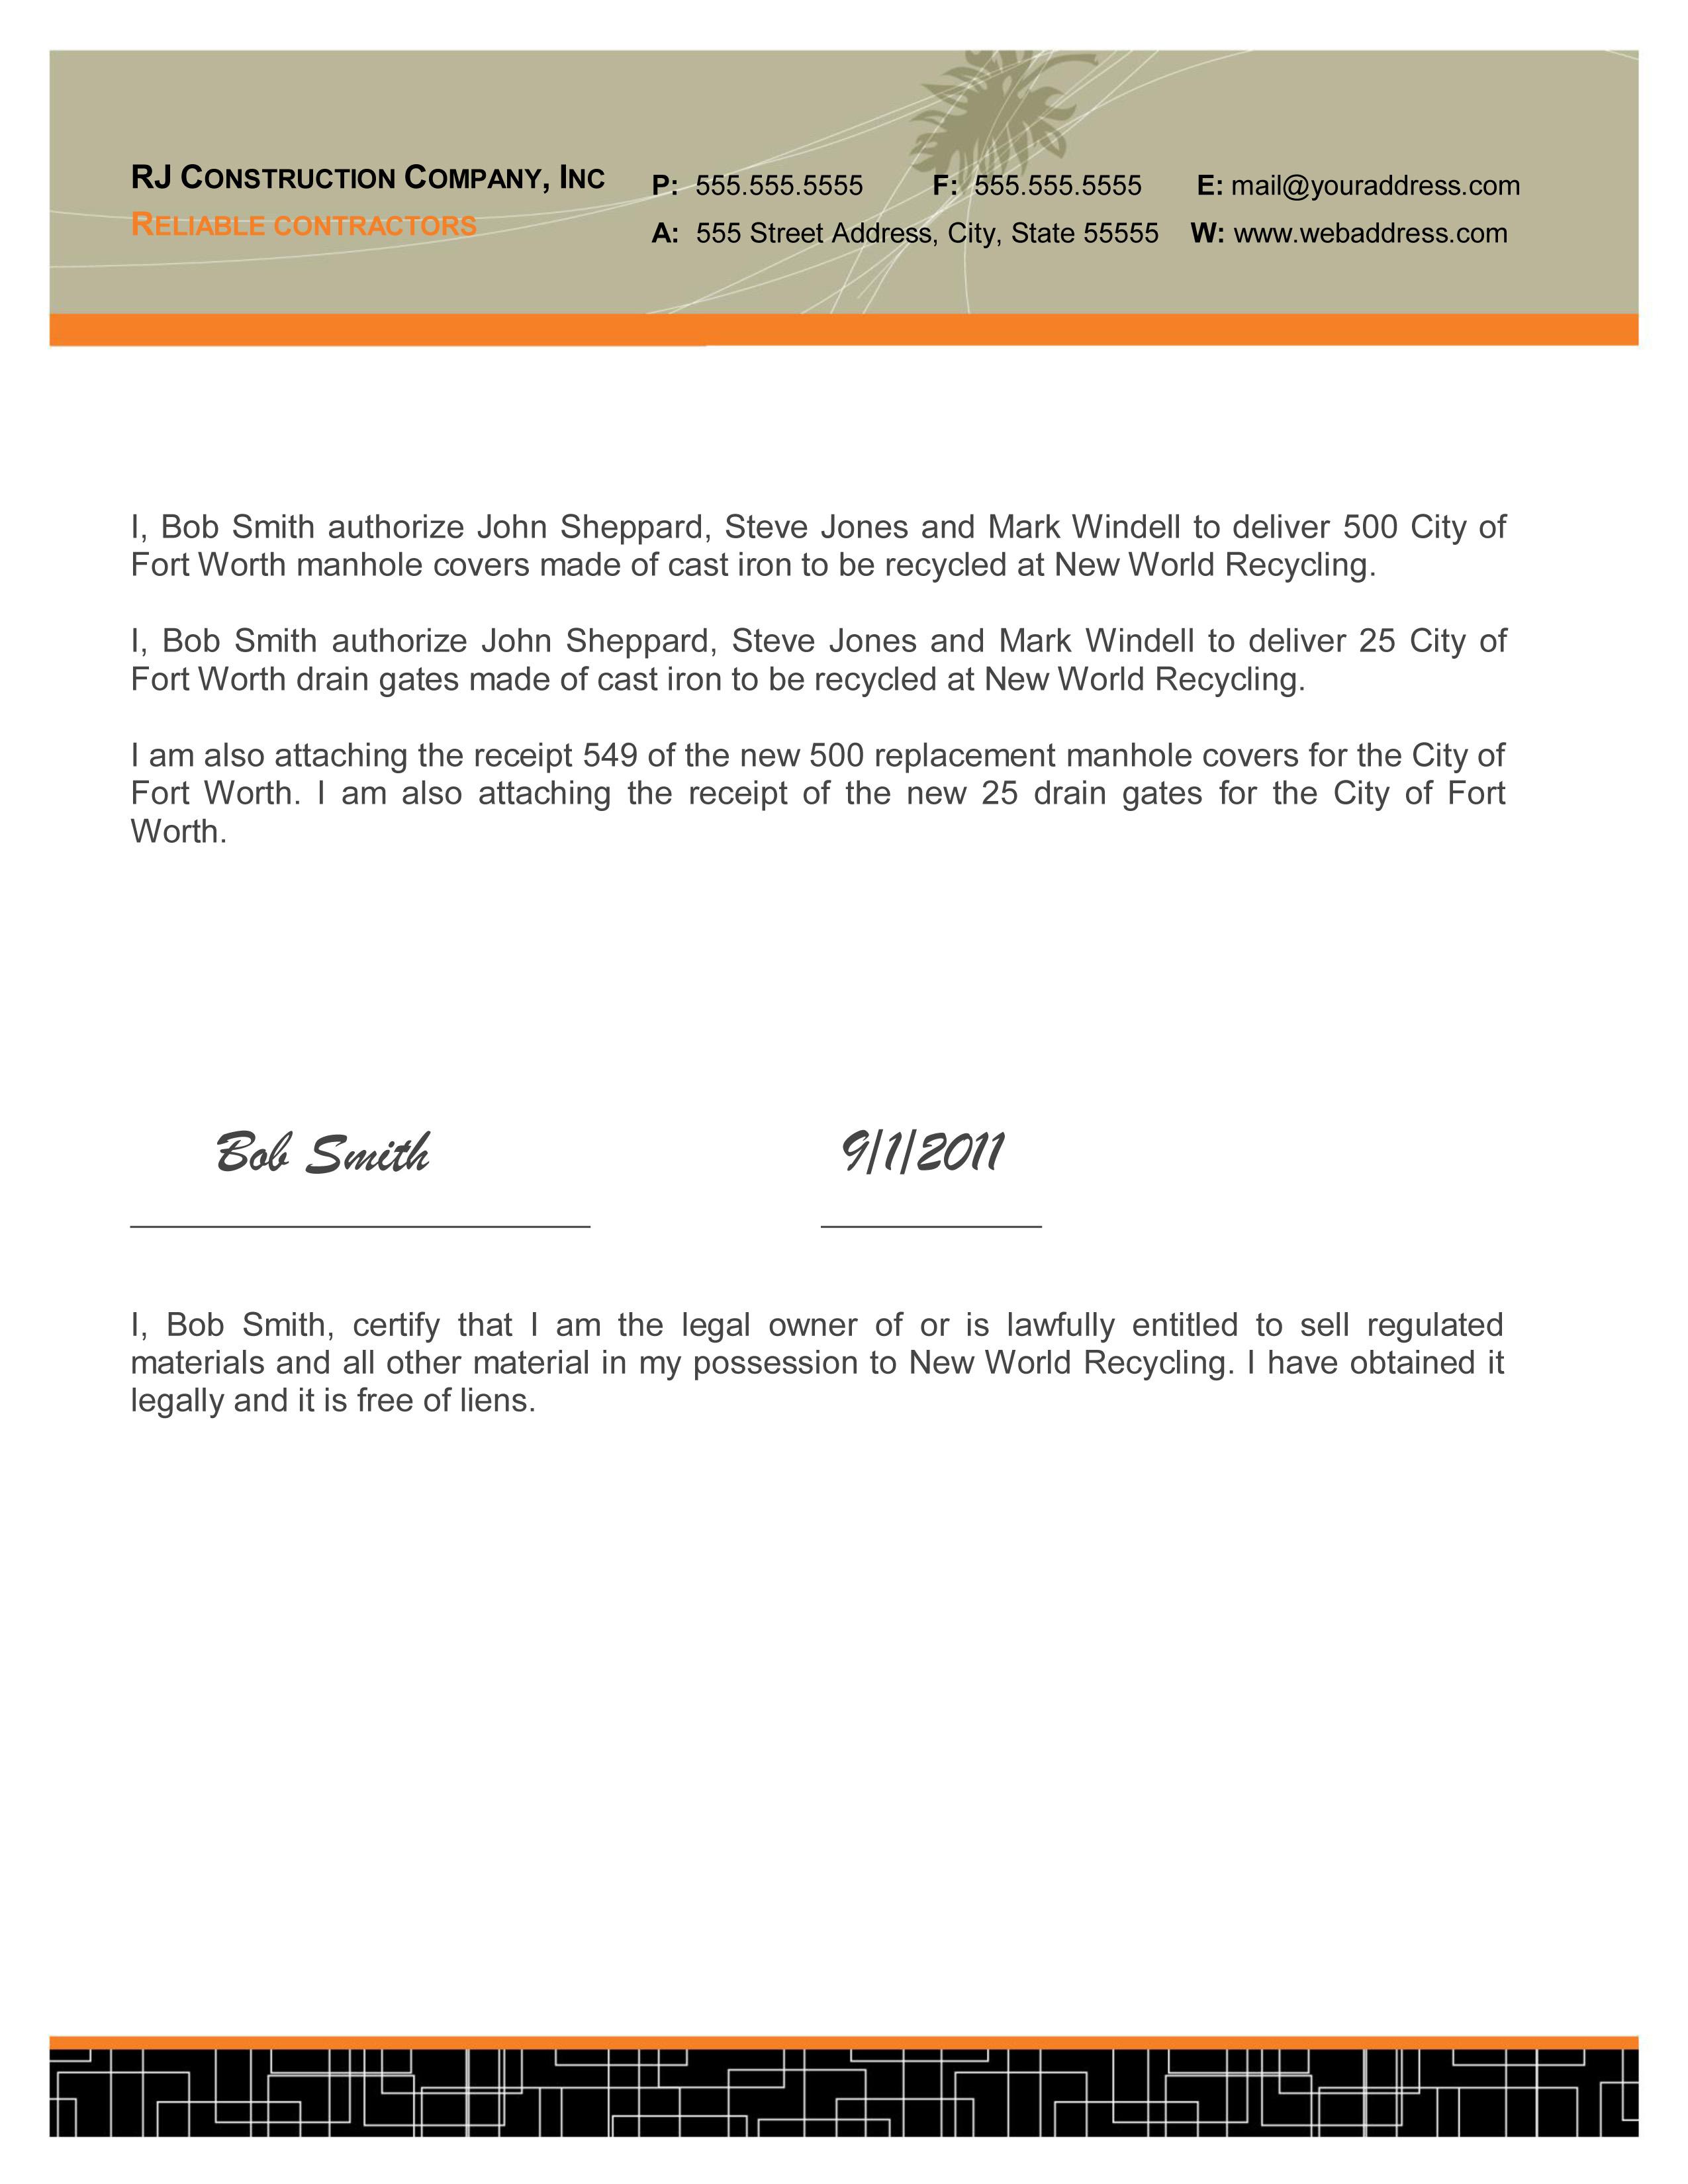 letterhead_sample.jpg